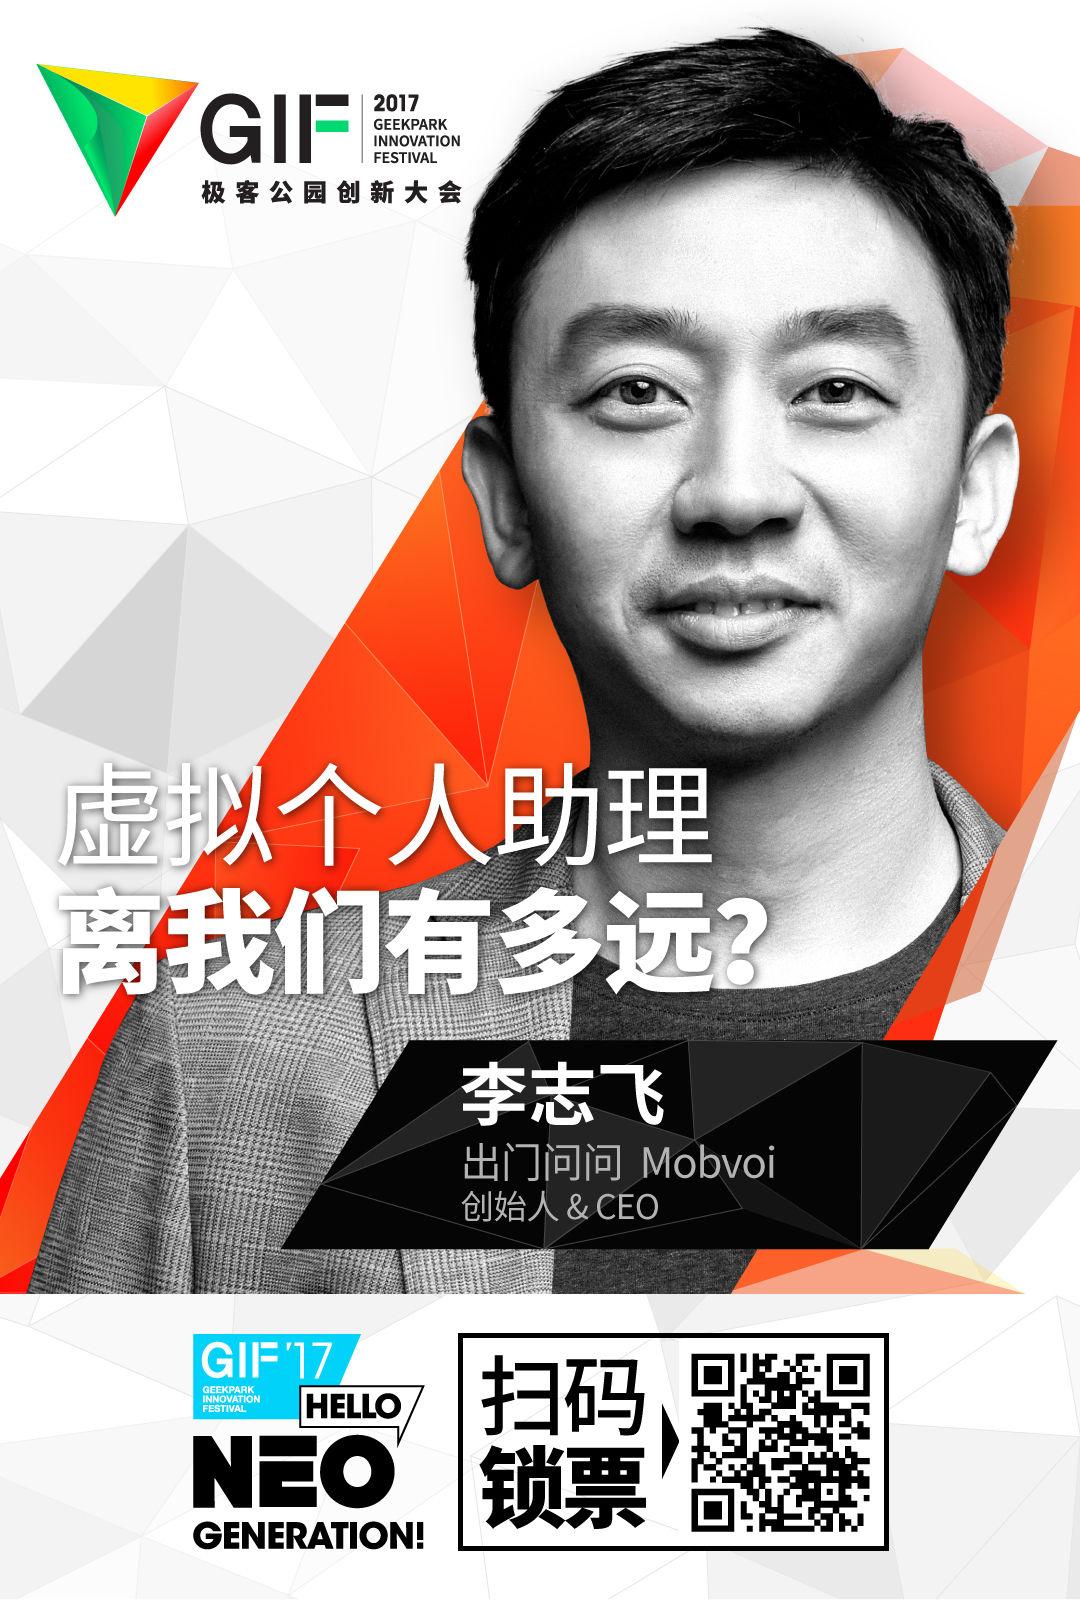 微信底部二维码购票嘉宾海报4 (1).jpg